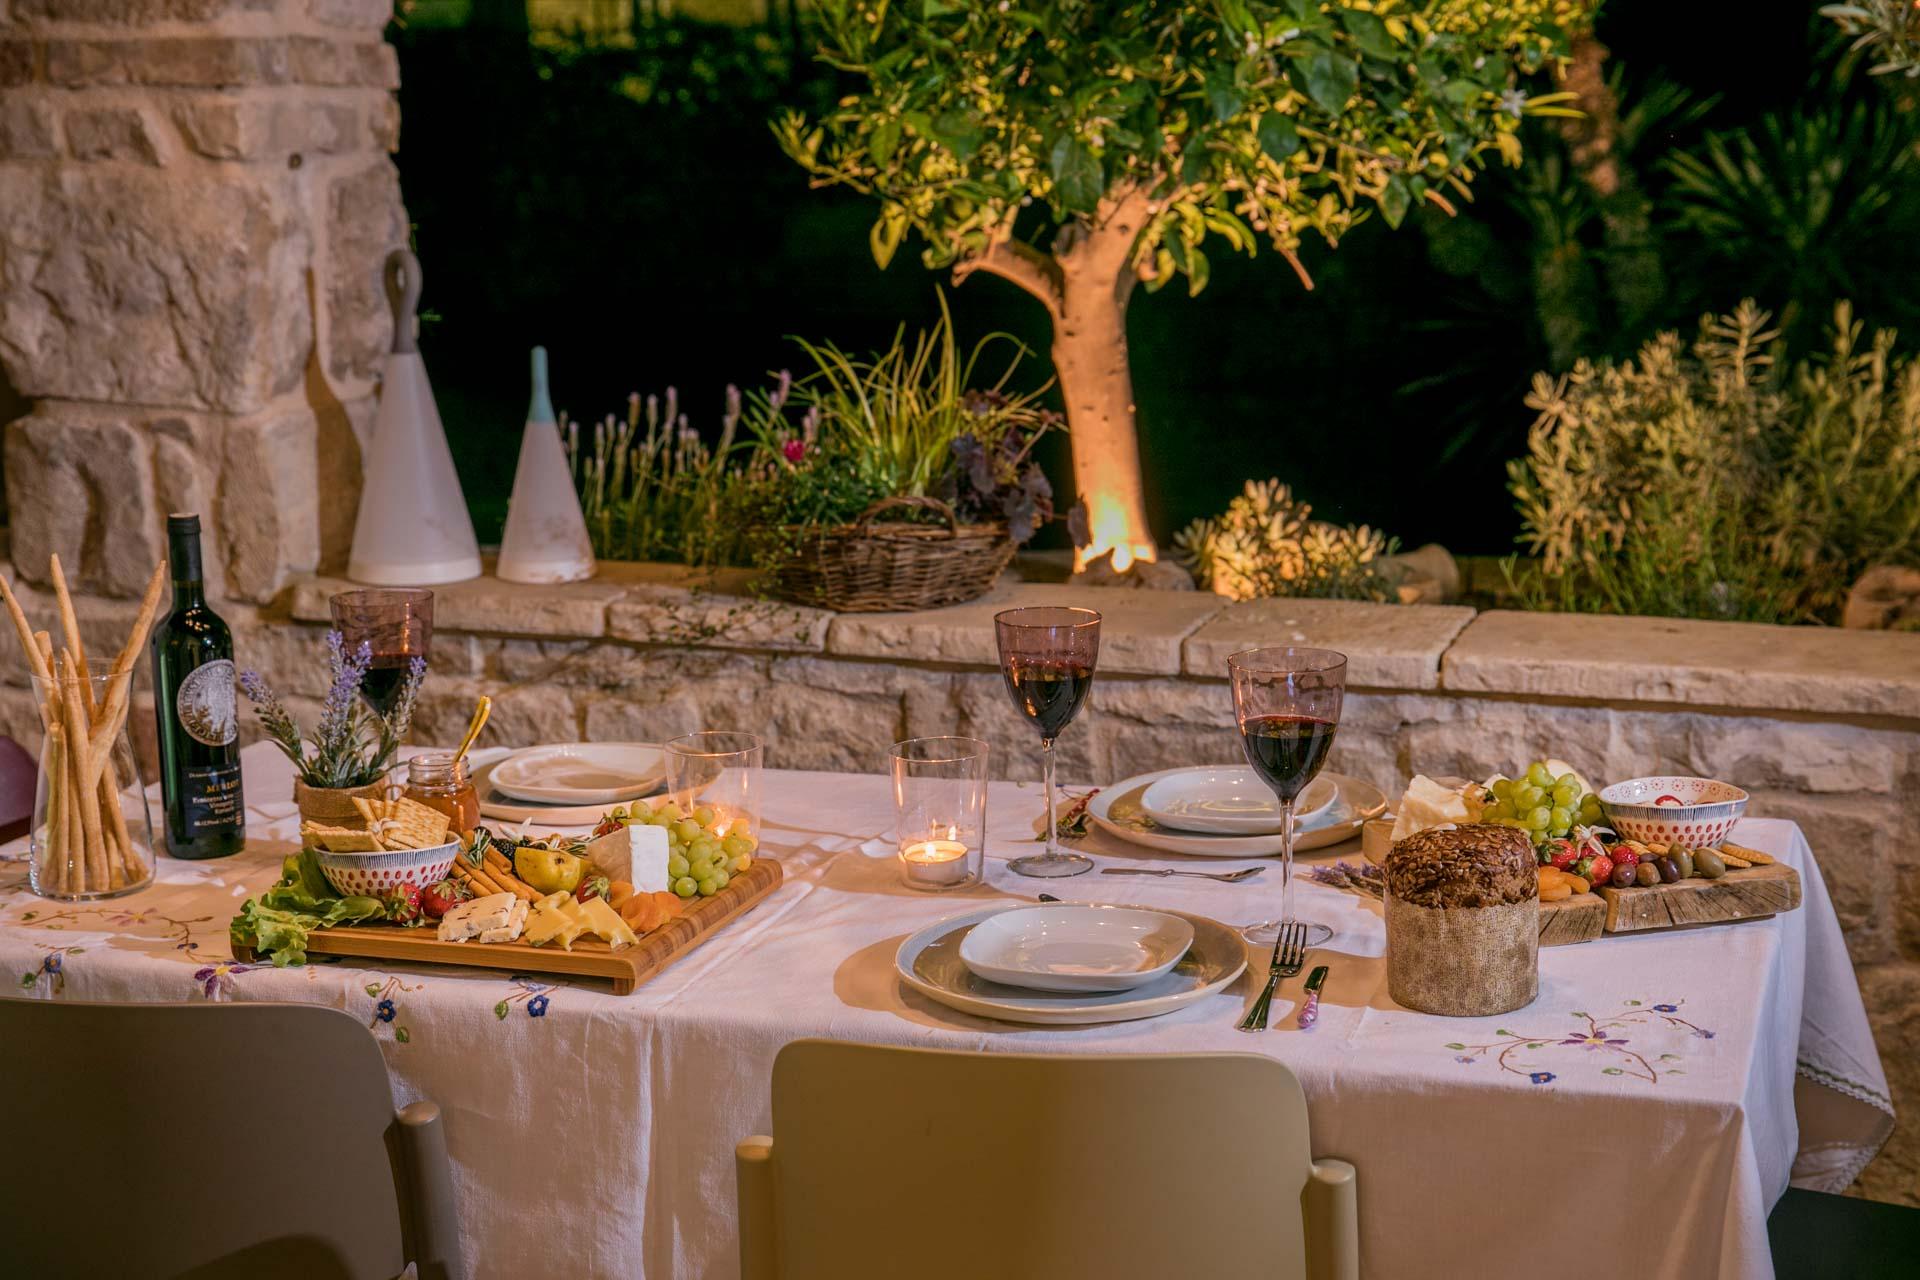 Vila za odmor s bazenom, stol sa čašama vina